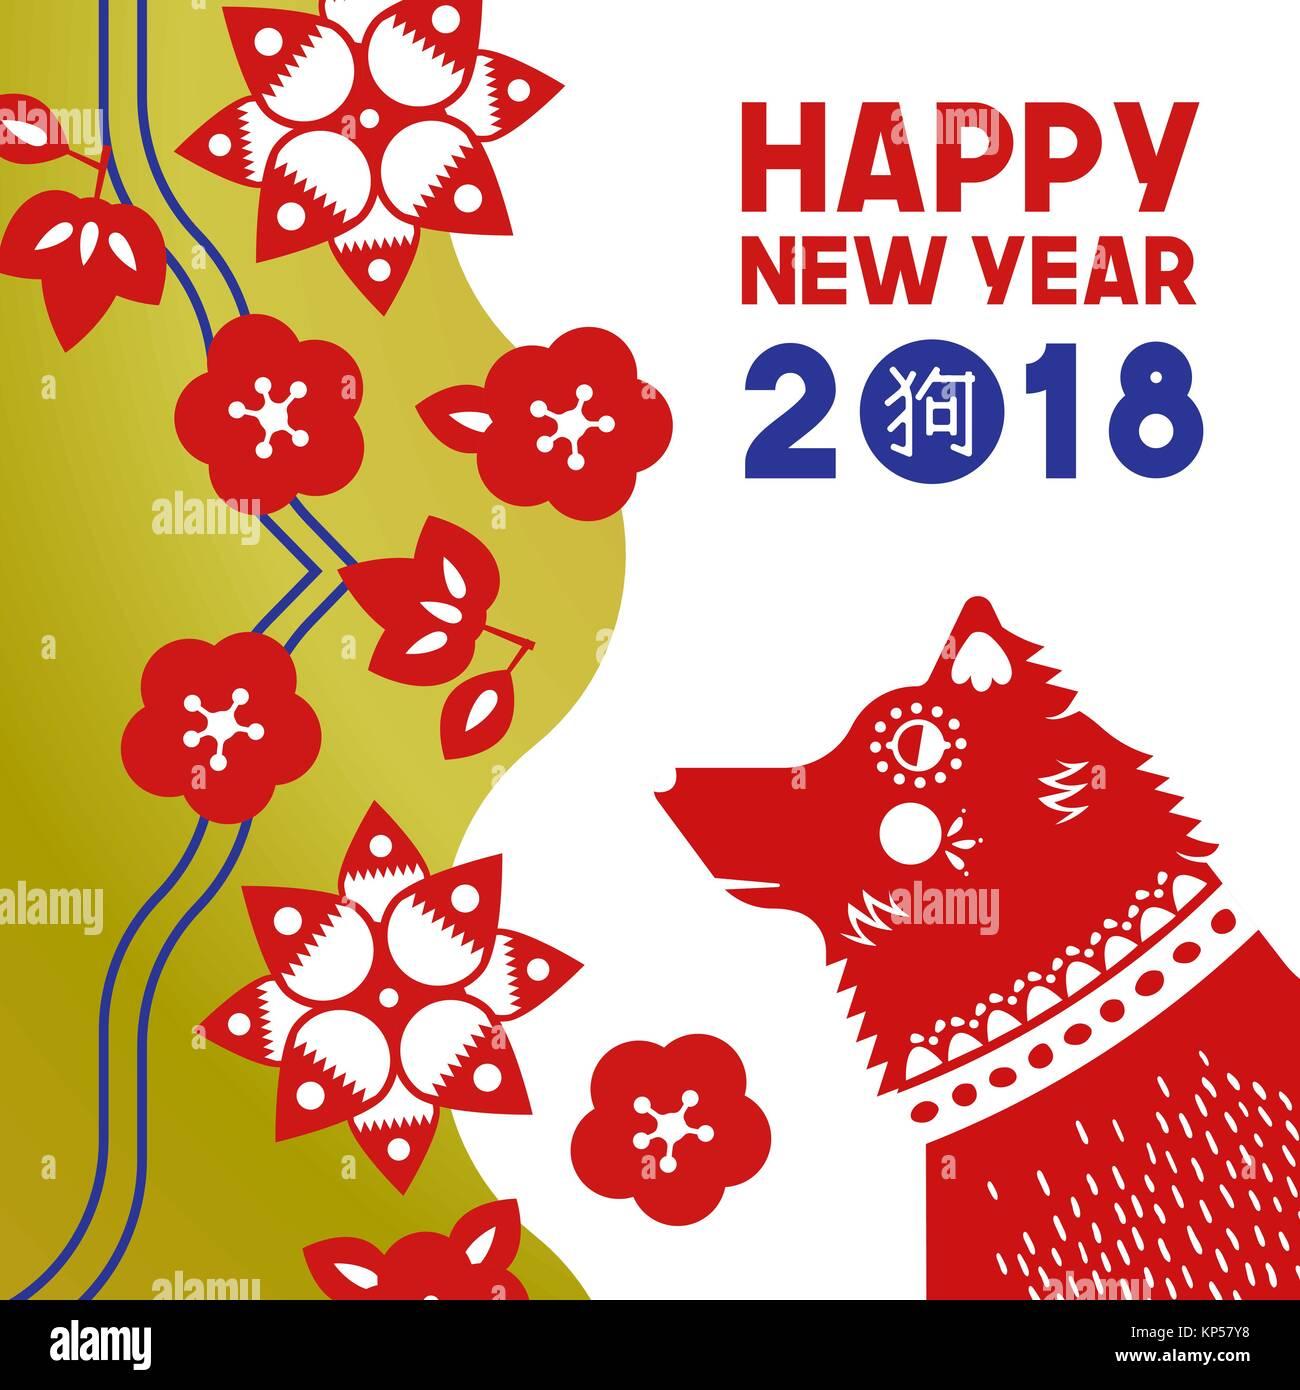 Chinesisches Neujahr 2018 Illustration, rotes Papier schneiden Stil ...